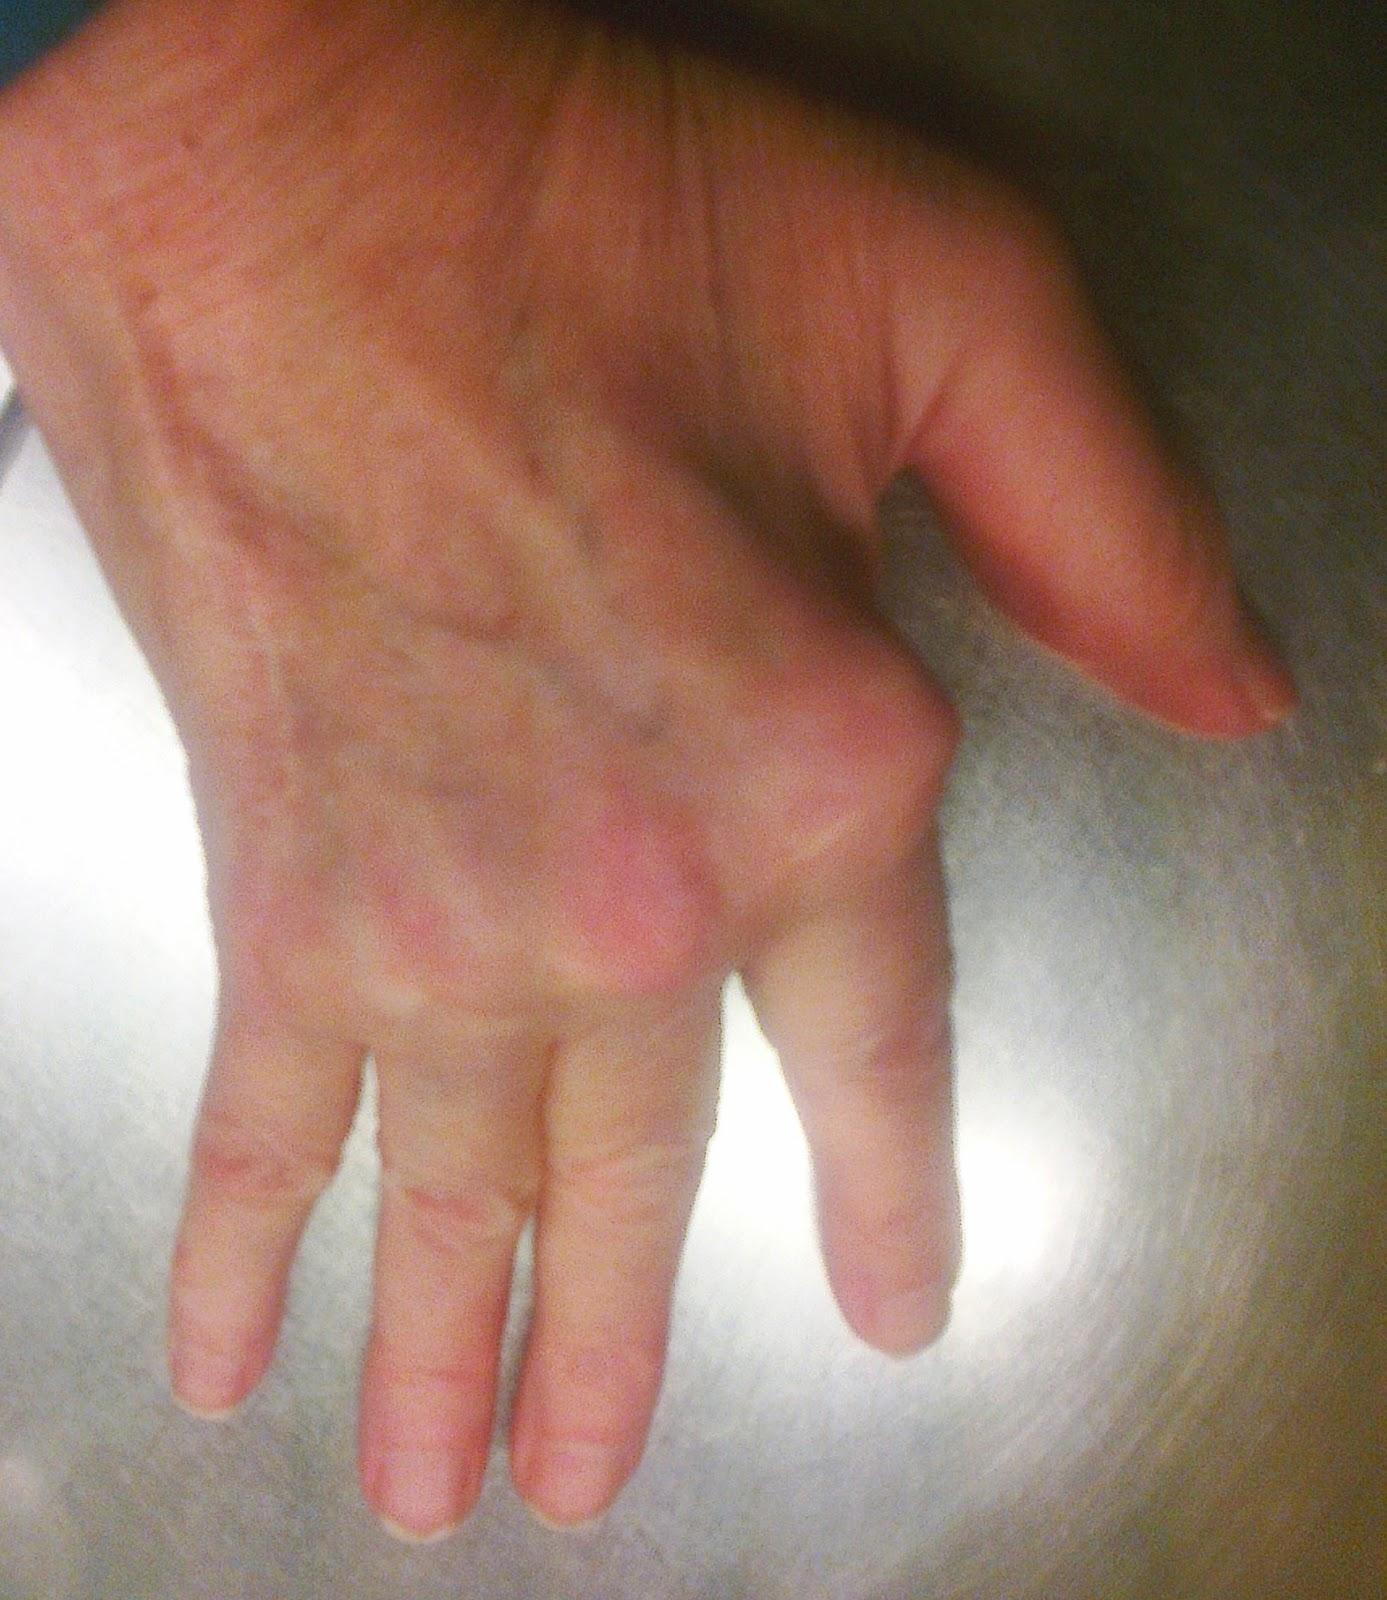 ont i knogarna på handen